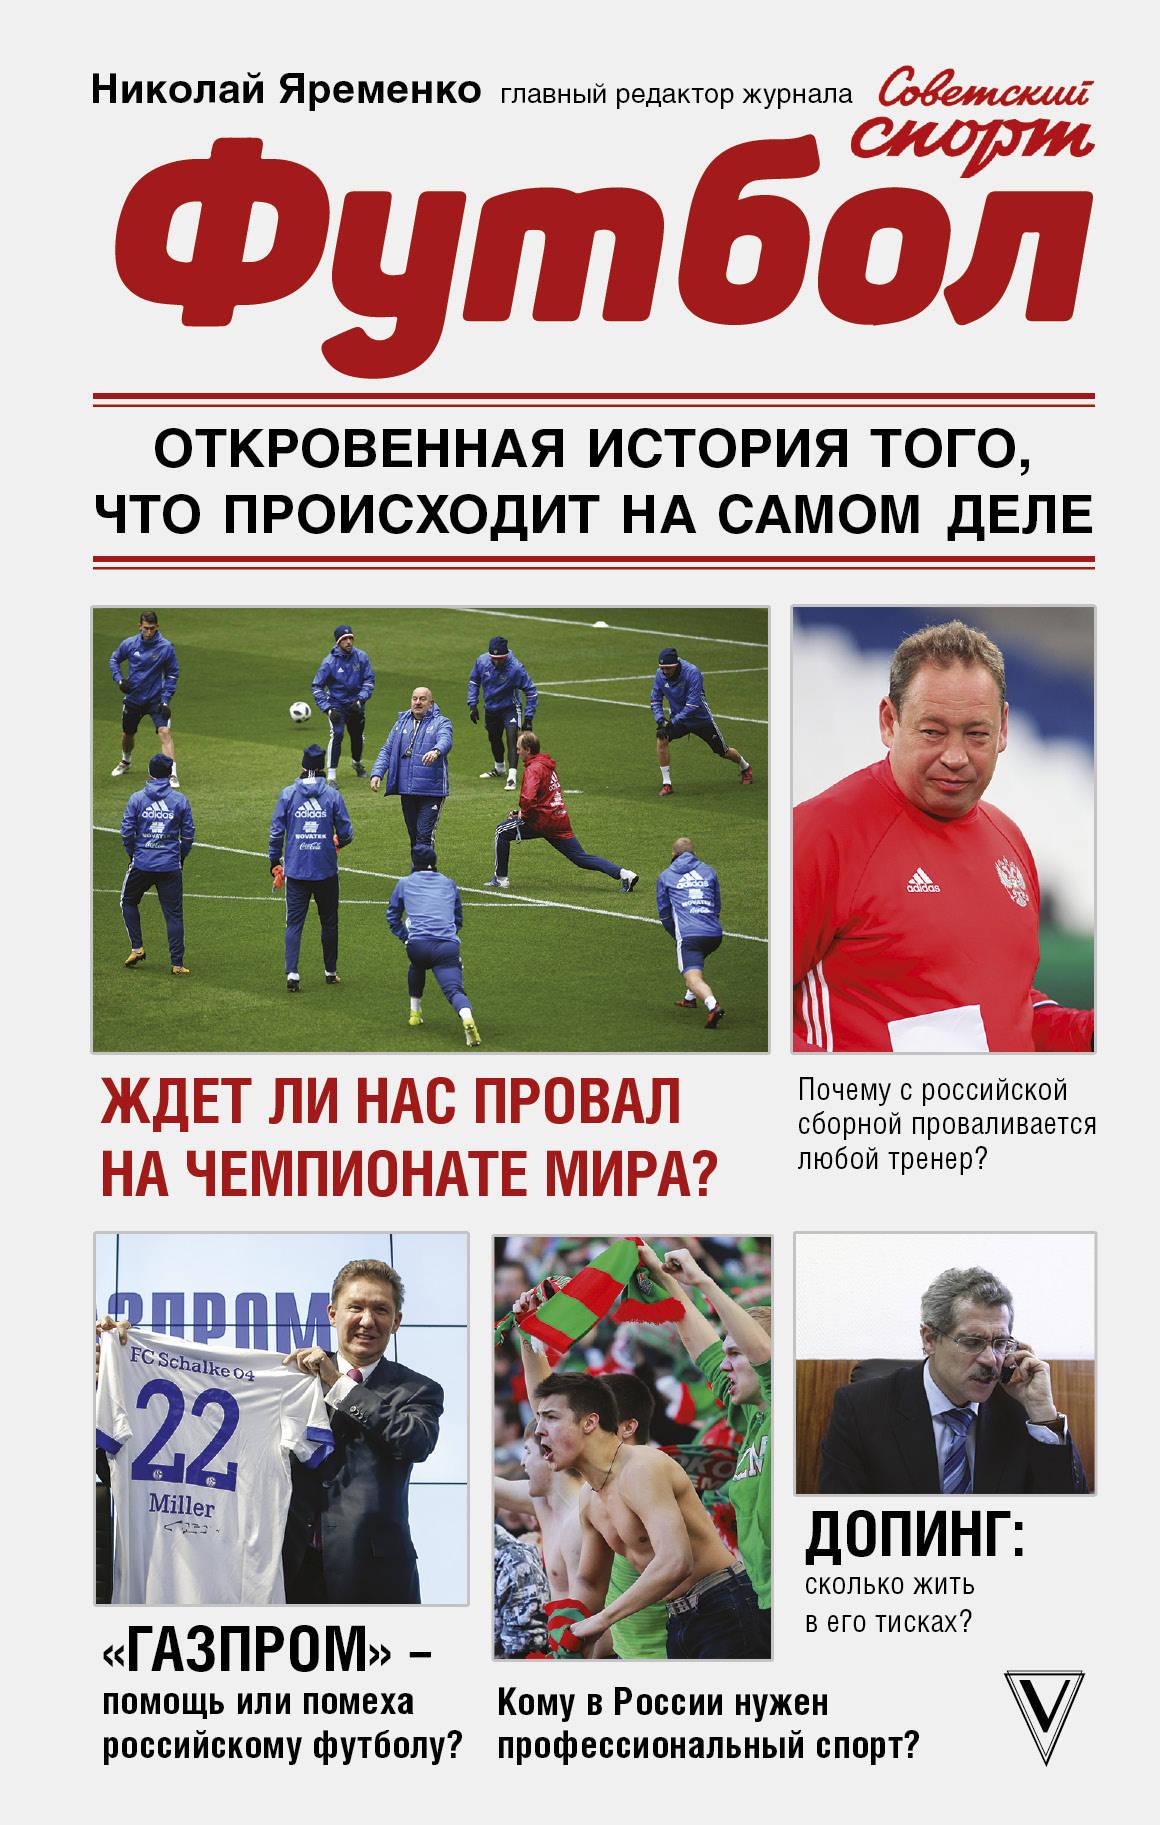 Футбол: откровенная история того, что происходит на самом деле ( Яременко Николай Николаевич  )